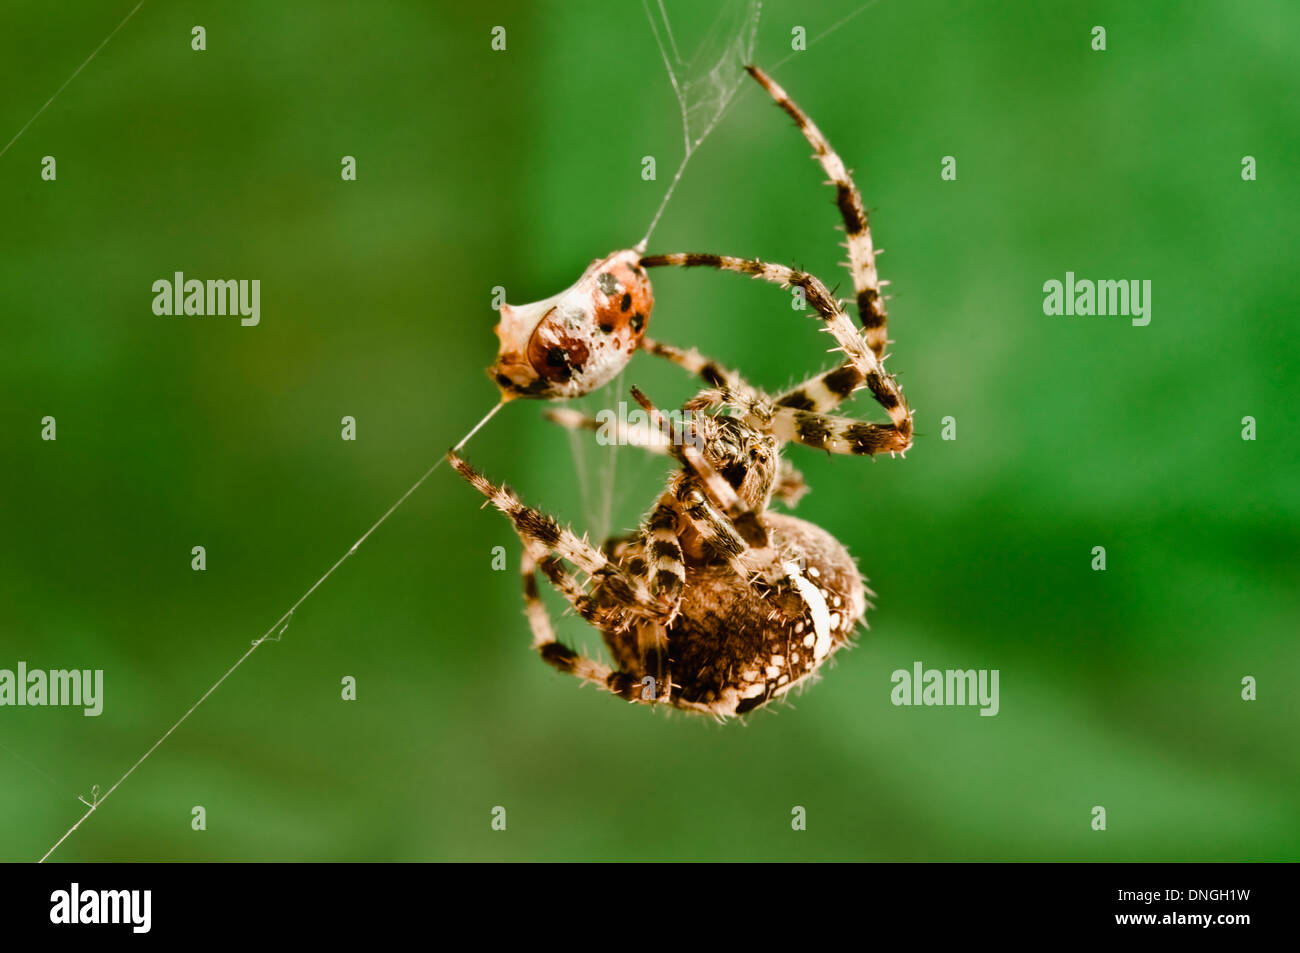 Un Orb spider eyacula veneno y atrapa una mariquita enwrapping su víctima en hilos de seda. (Close Up / Lente macro View ). 2 de 5 Imagen De Stock